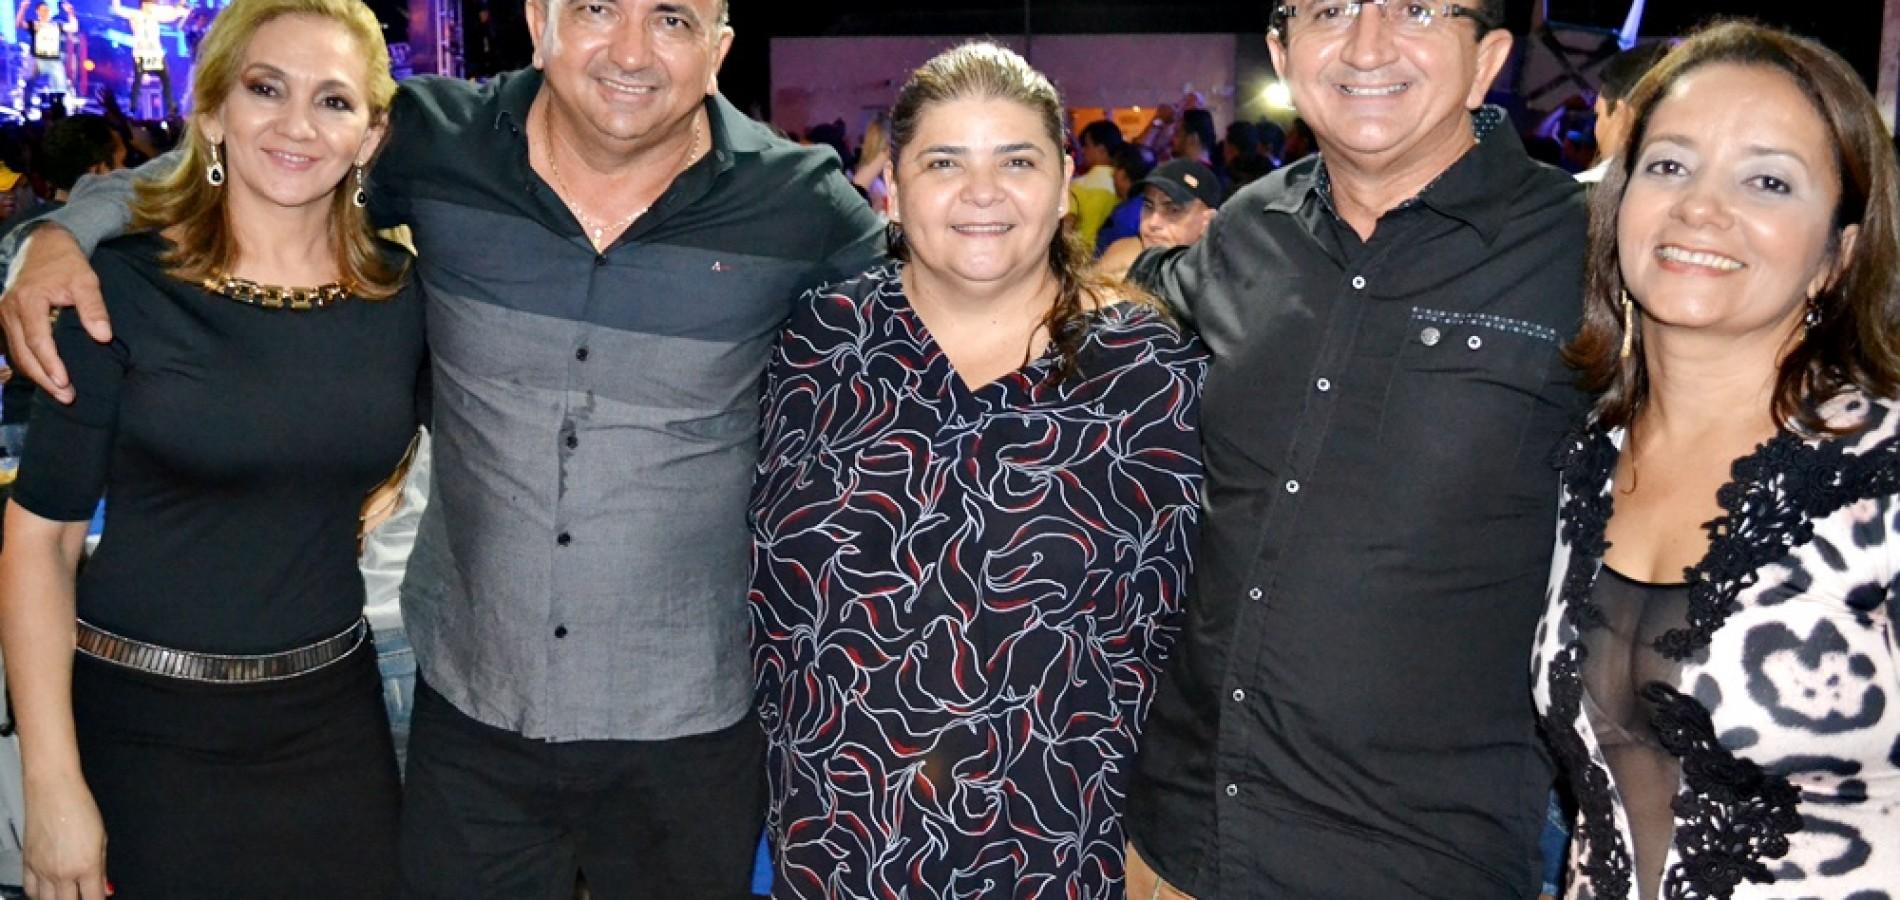 FOTOS | Festa do 22º aniversário de Campo Grande do Piauí – Álbum I